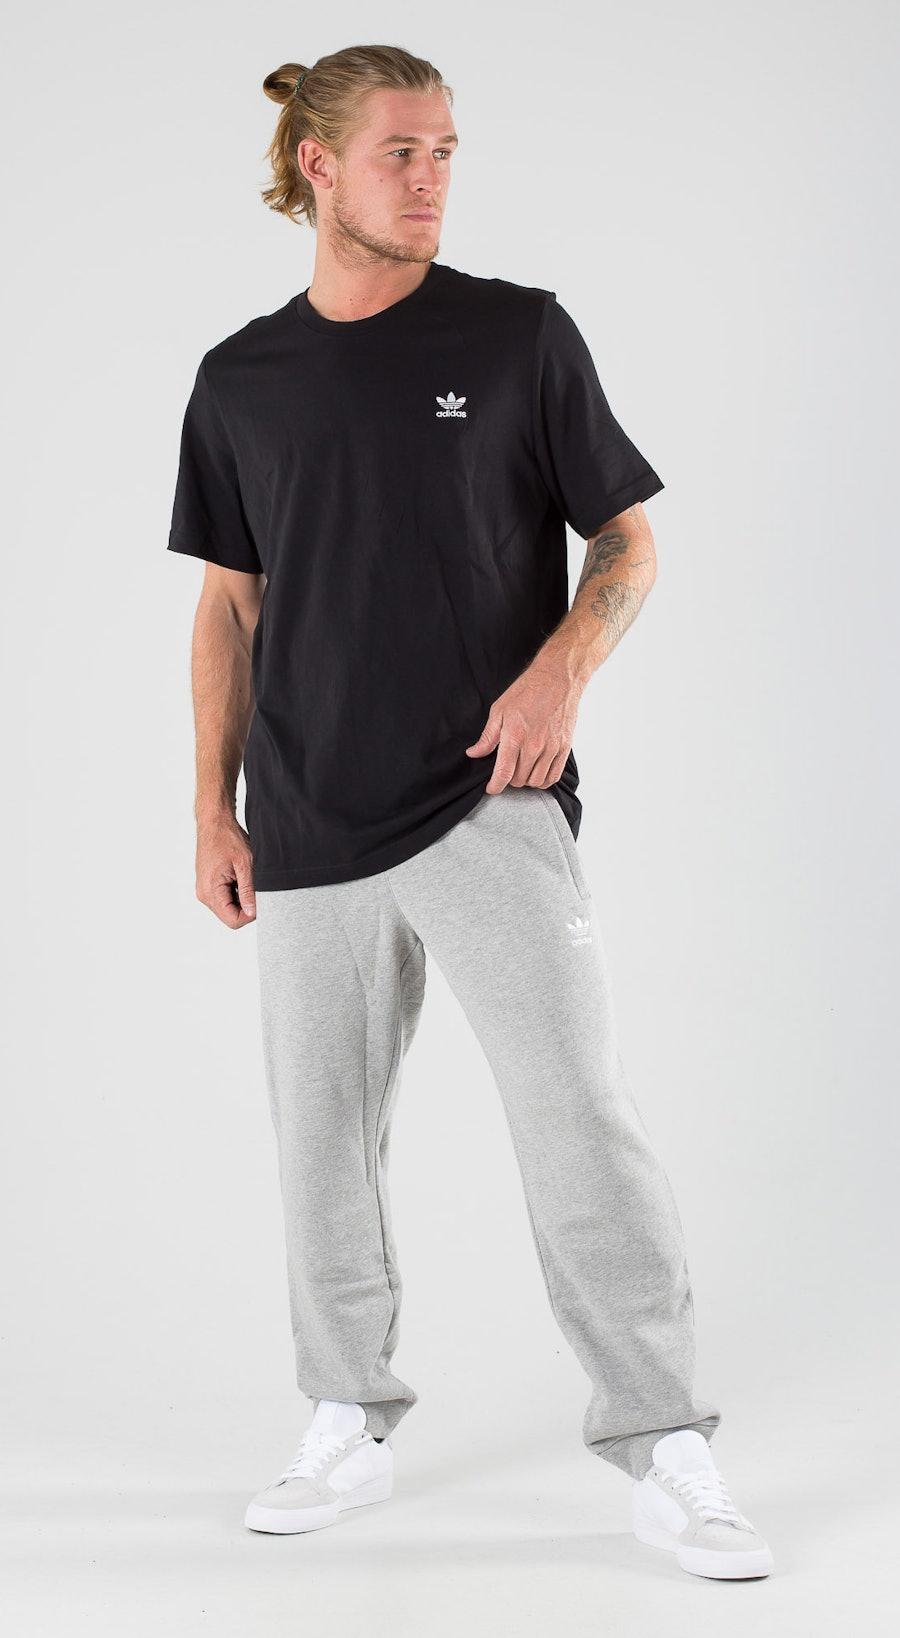 Adidas Originals Essential Black Outfit Multi